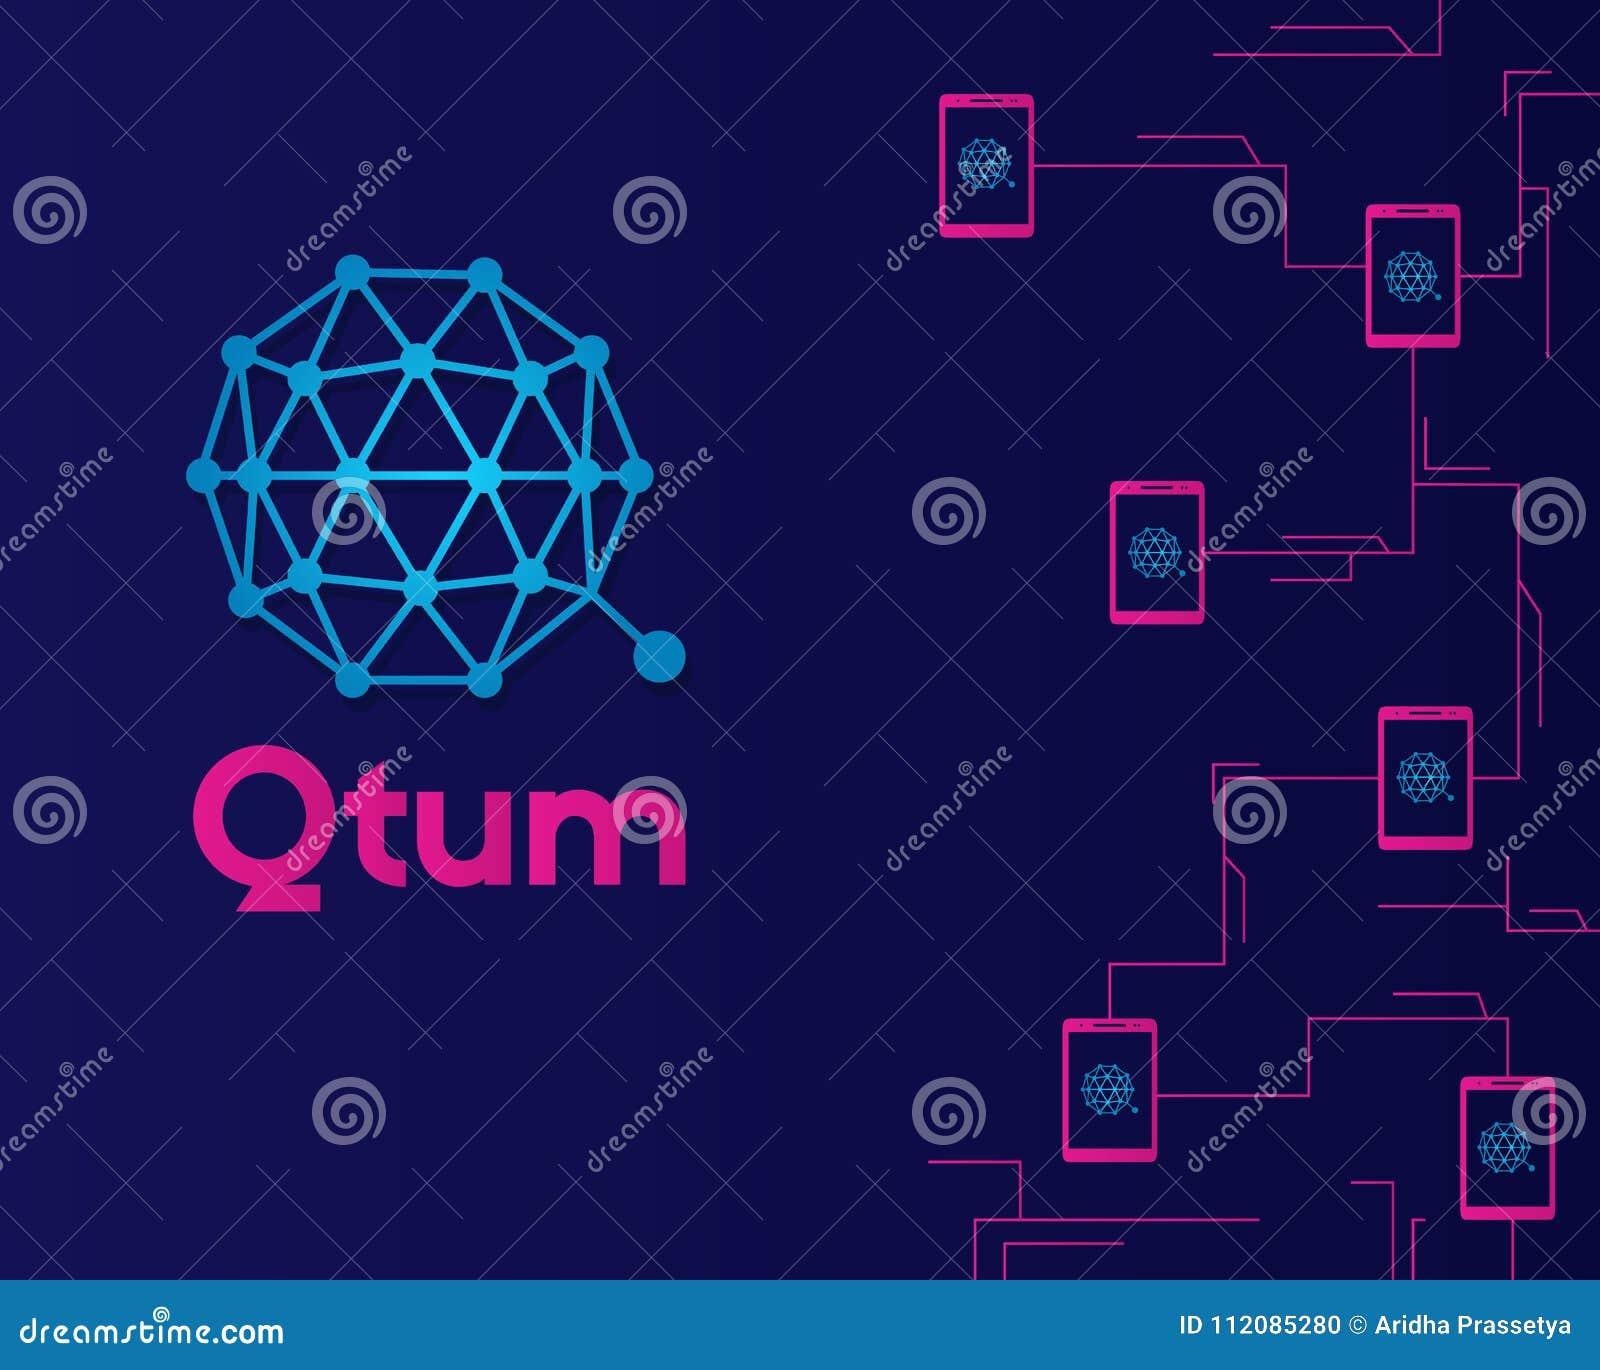 Qtum Blockchain Cryptocurreny Connected Hintergrund Abbildung ...